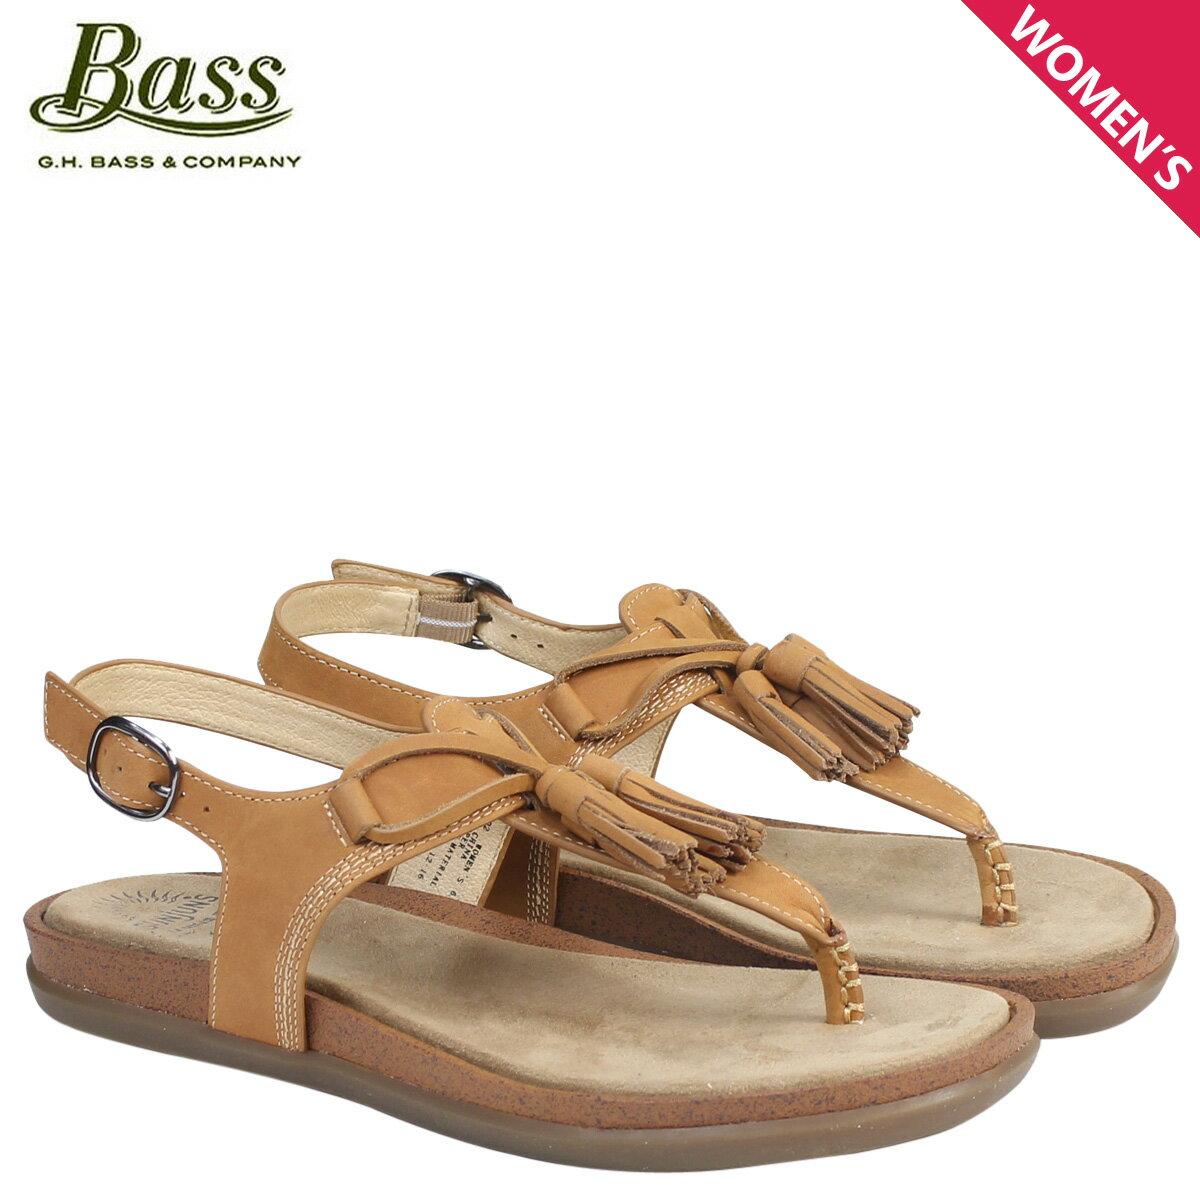 ジーエイチバス サンダル レディース G.H. BASS トングサンダル タッセル Tストラップ SADIE T-STRAP SUNJUNS 71-23002 靴 ブラウン [177]